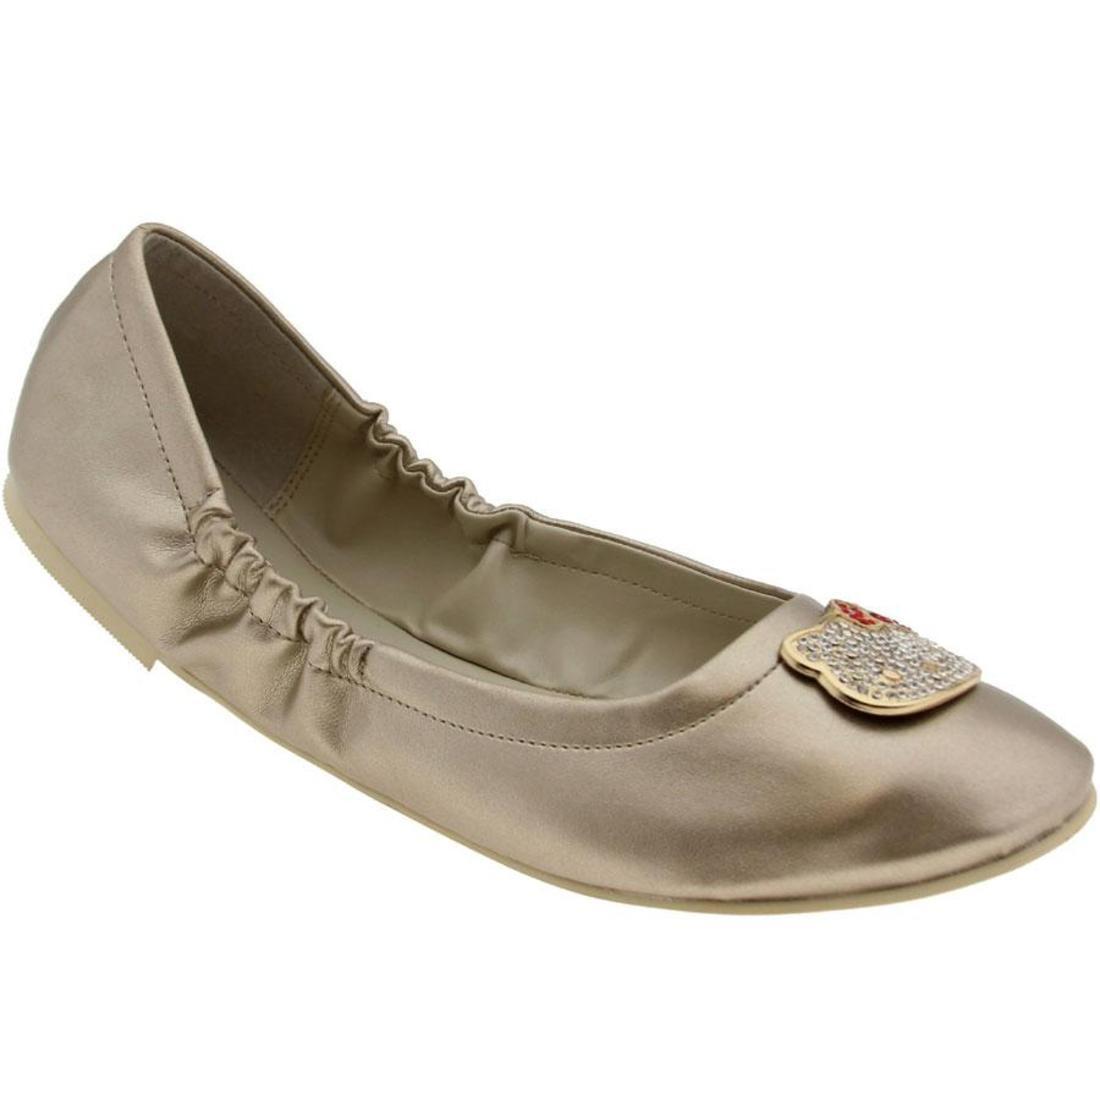 【海外限定】レディース 靴 レディース靴 【 HELLO KITTY WOMENS SOFIA GOLD 】